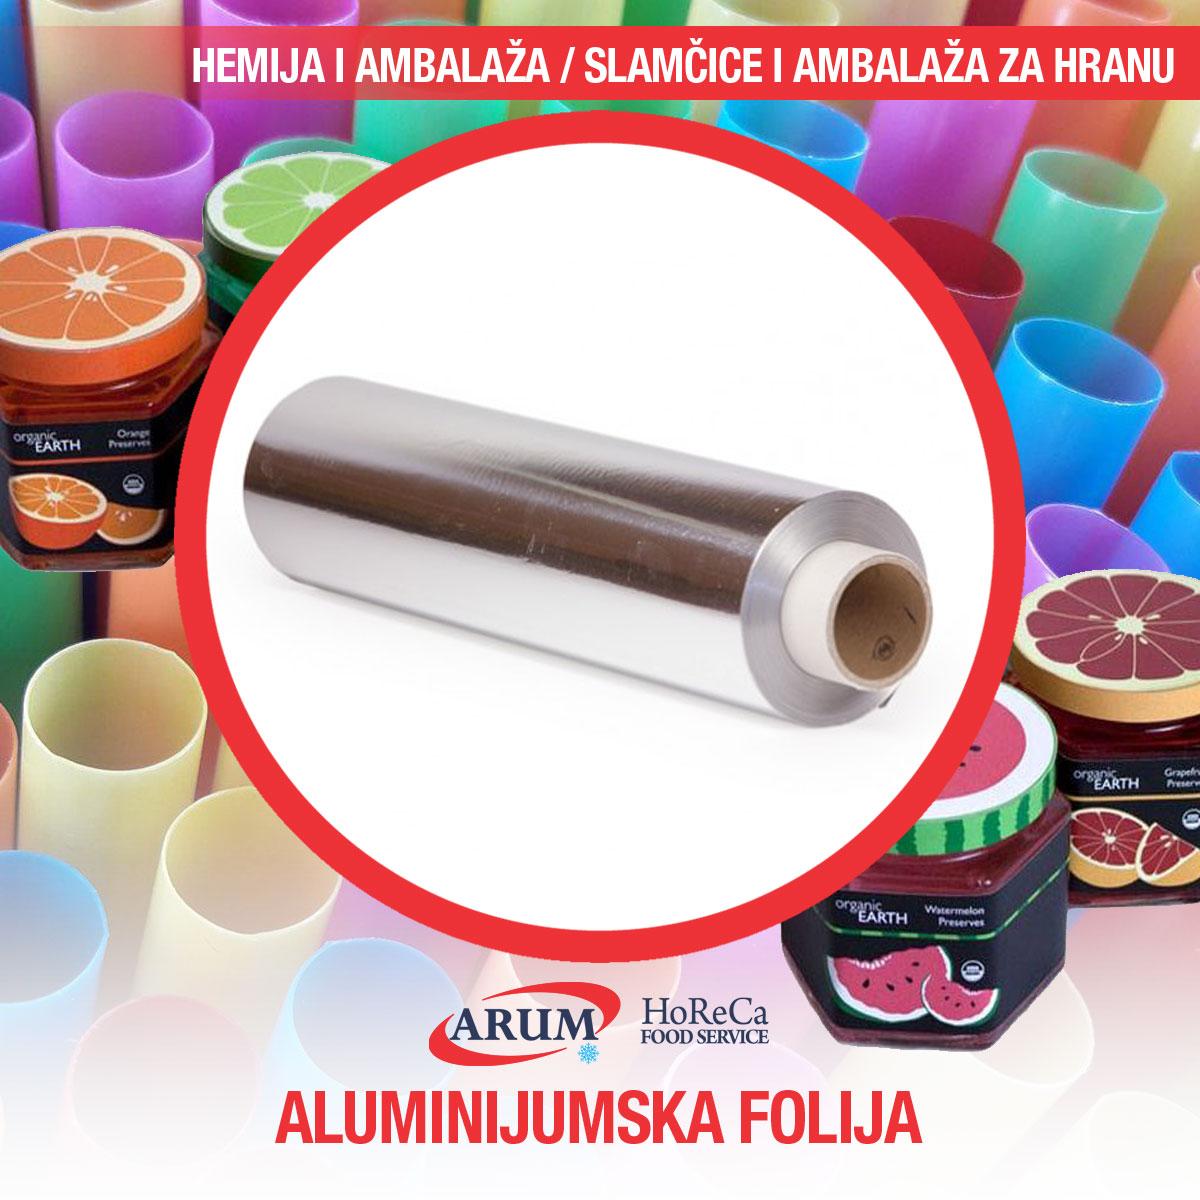 Aluminijumska folija 300mm, 1kg